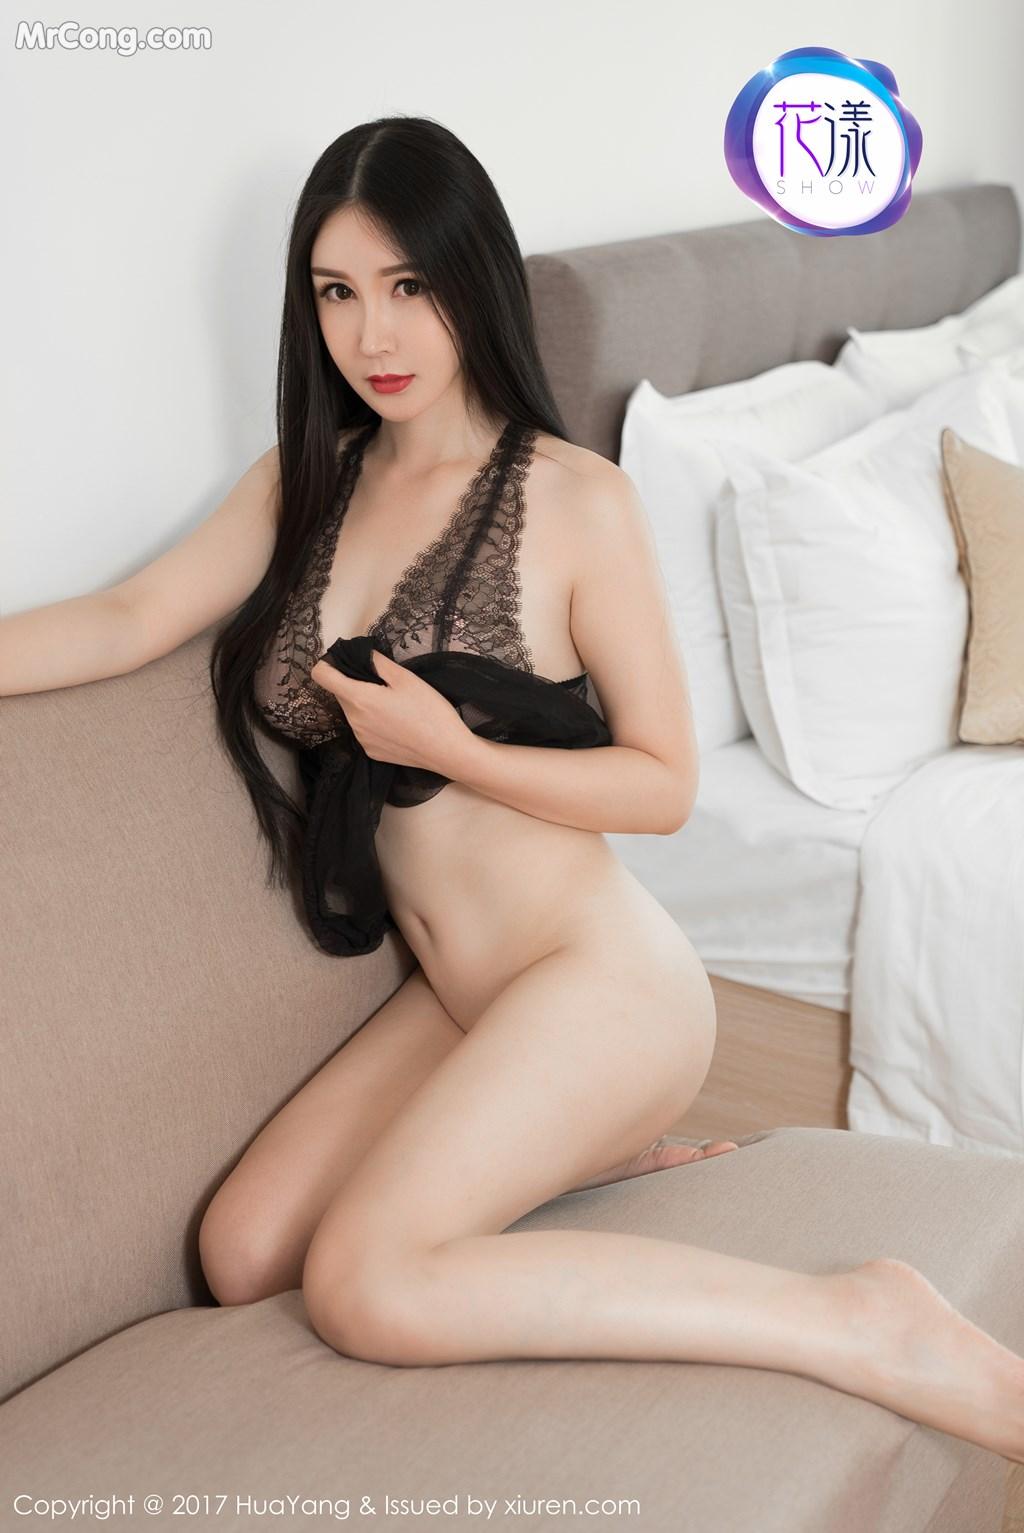 Image HuaYang-2017-12-05-Vol.017-Gu-Xinyi-MrCong.com-009 in post HuaYang 2017-12-05 Vol.017: Người mẫu Gu Xinyi (顾欣怡) (44 ảnh)